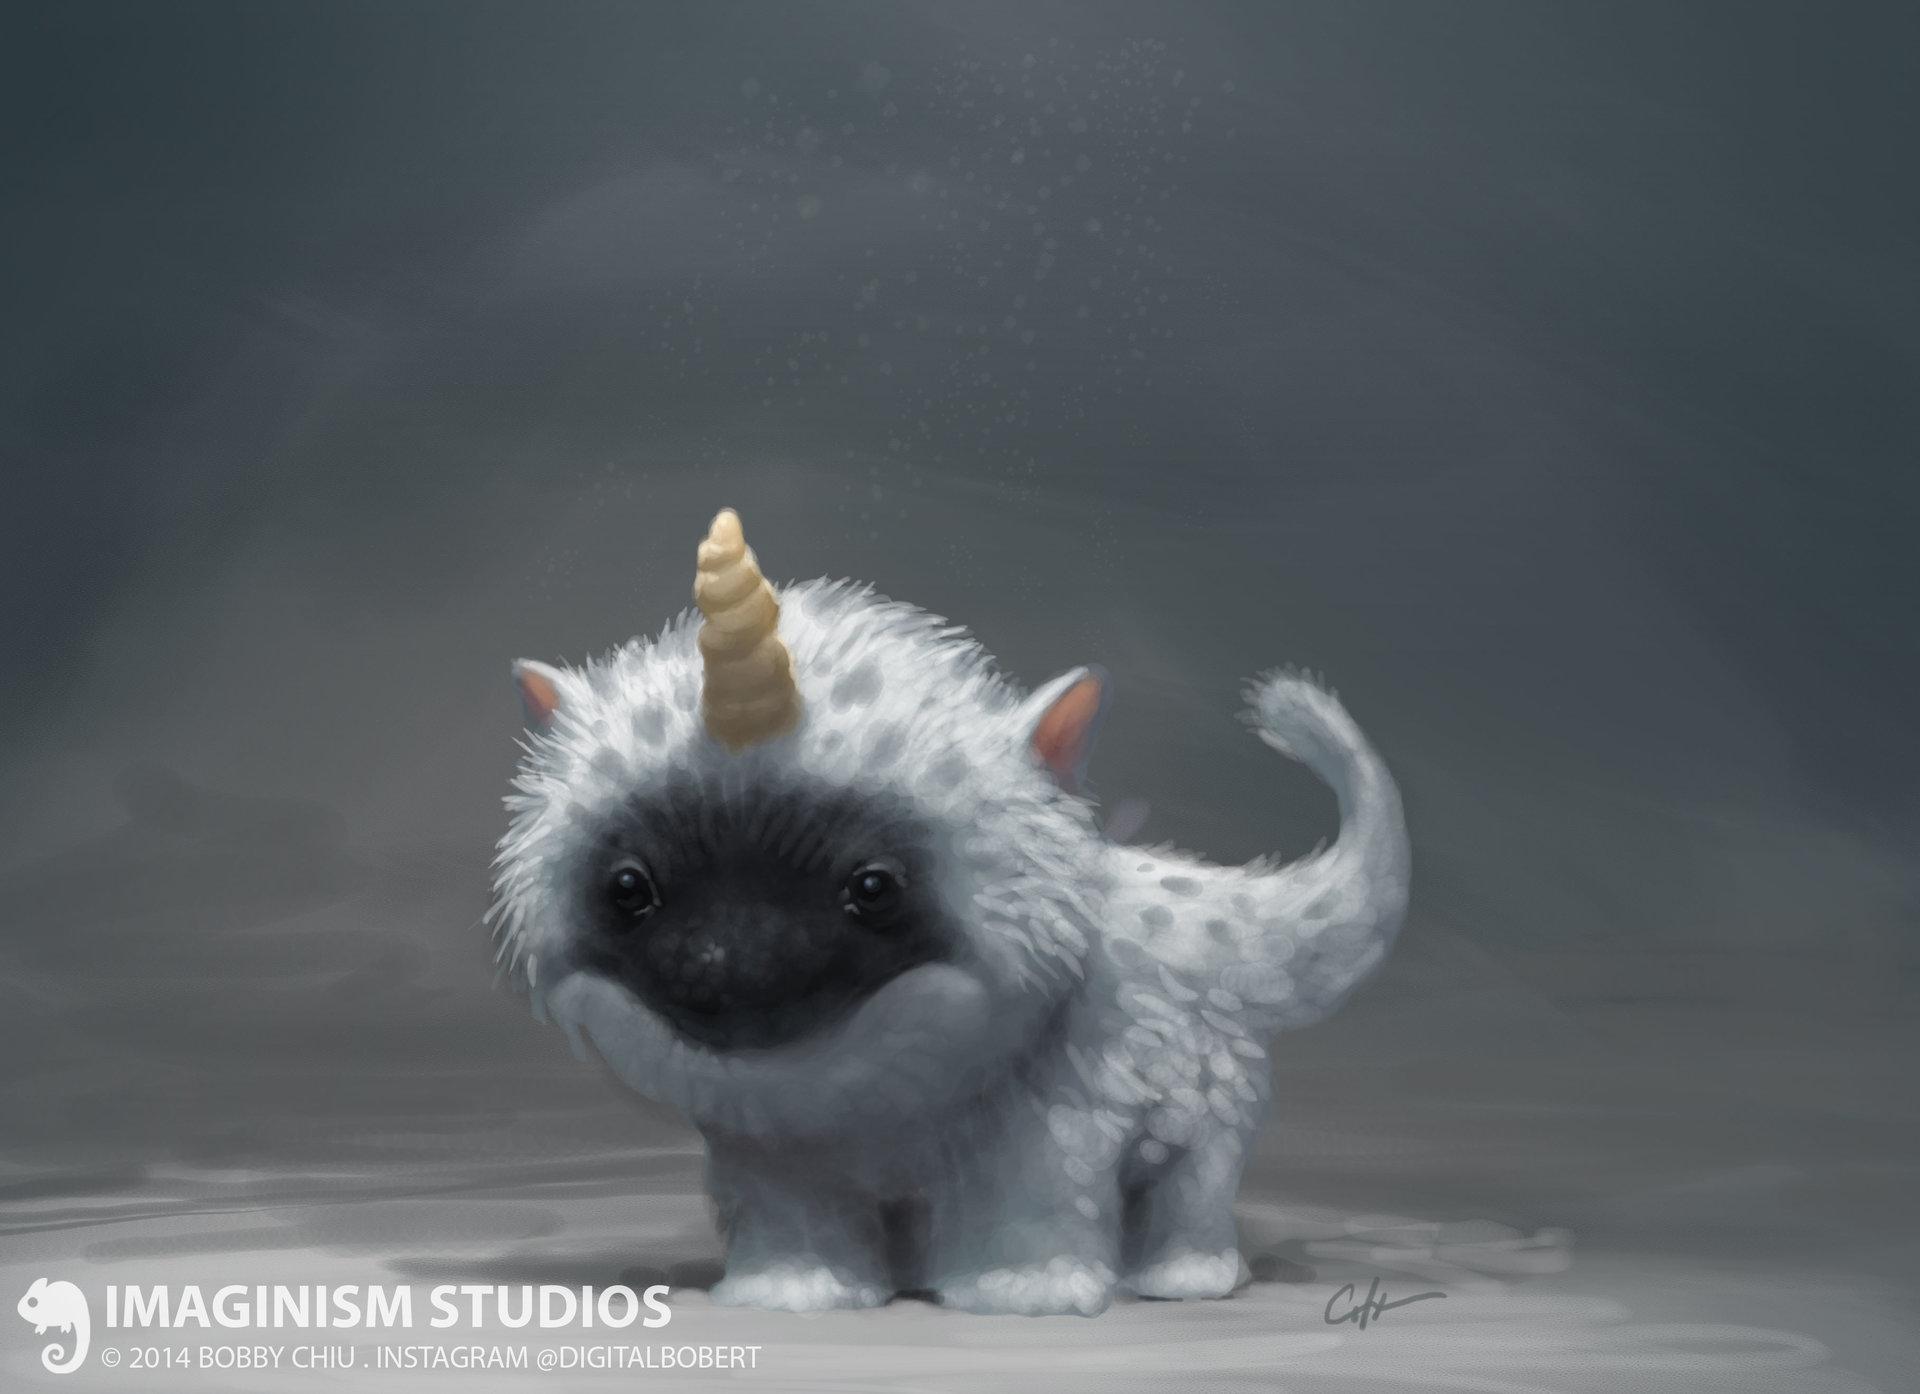 bobby-chiu-unicorn3.jpg